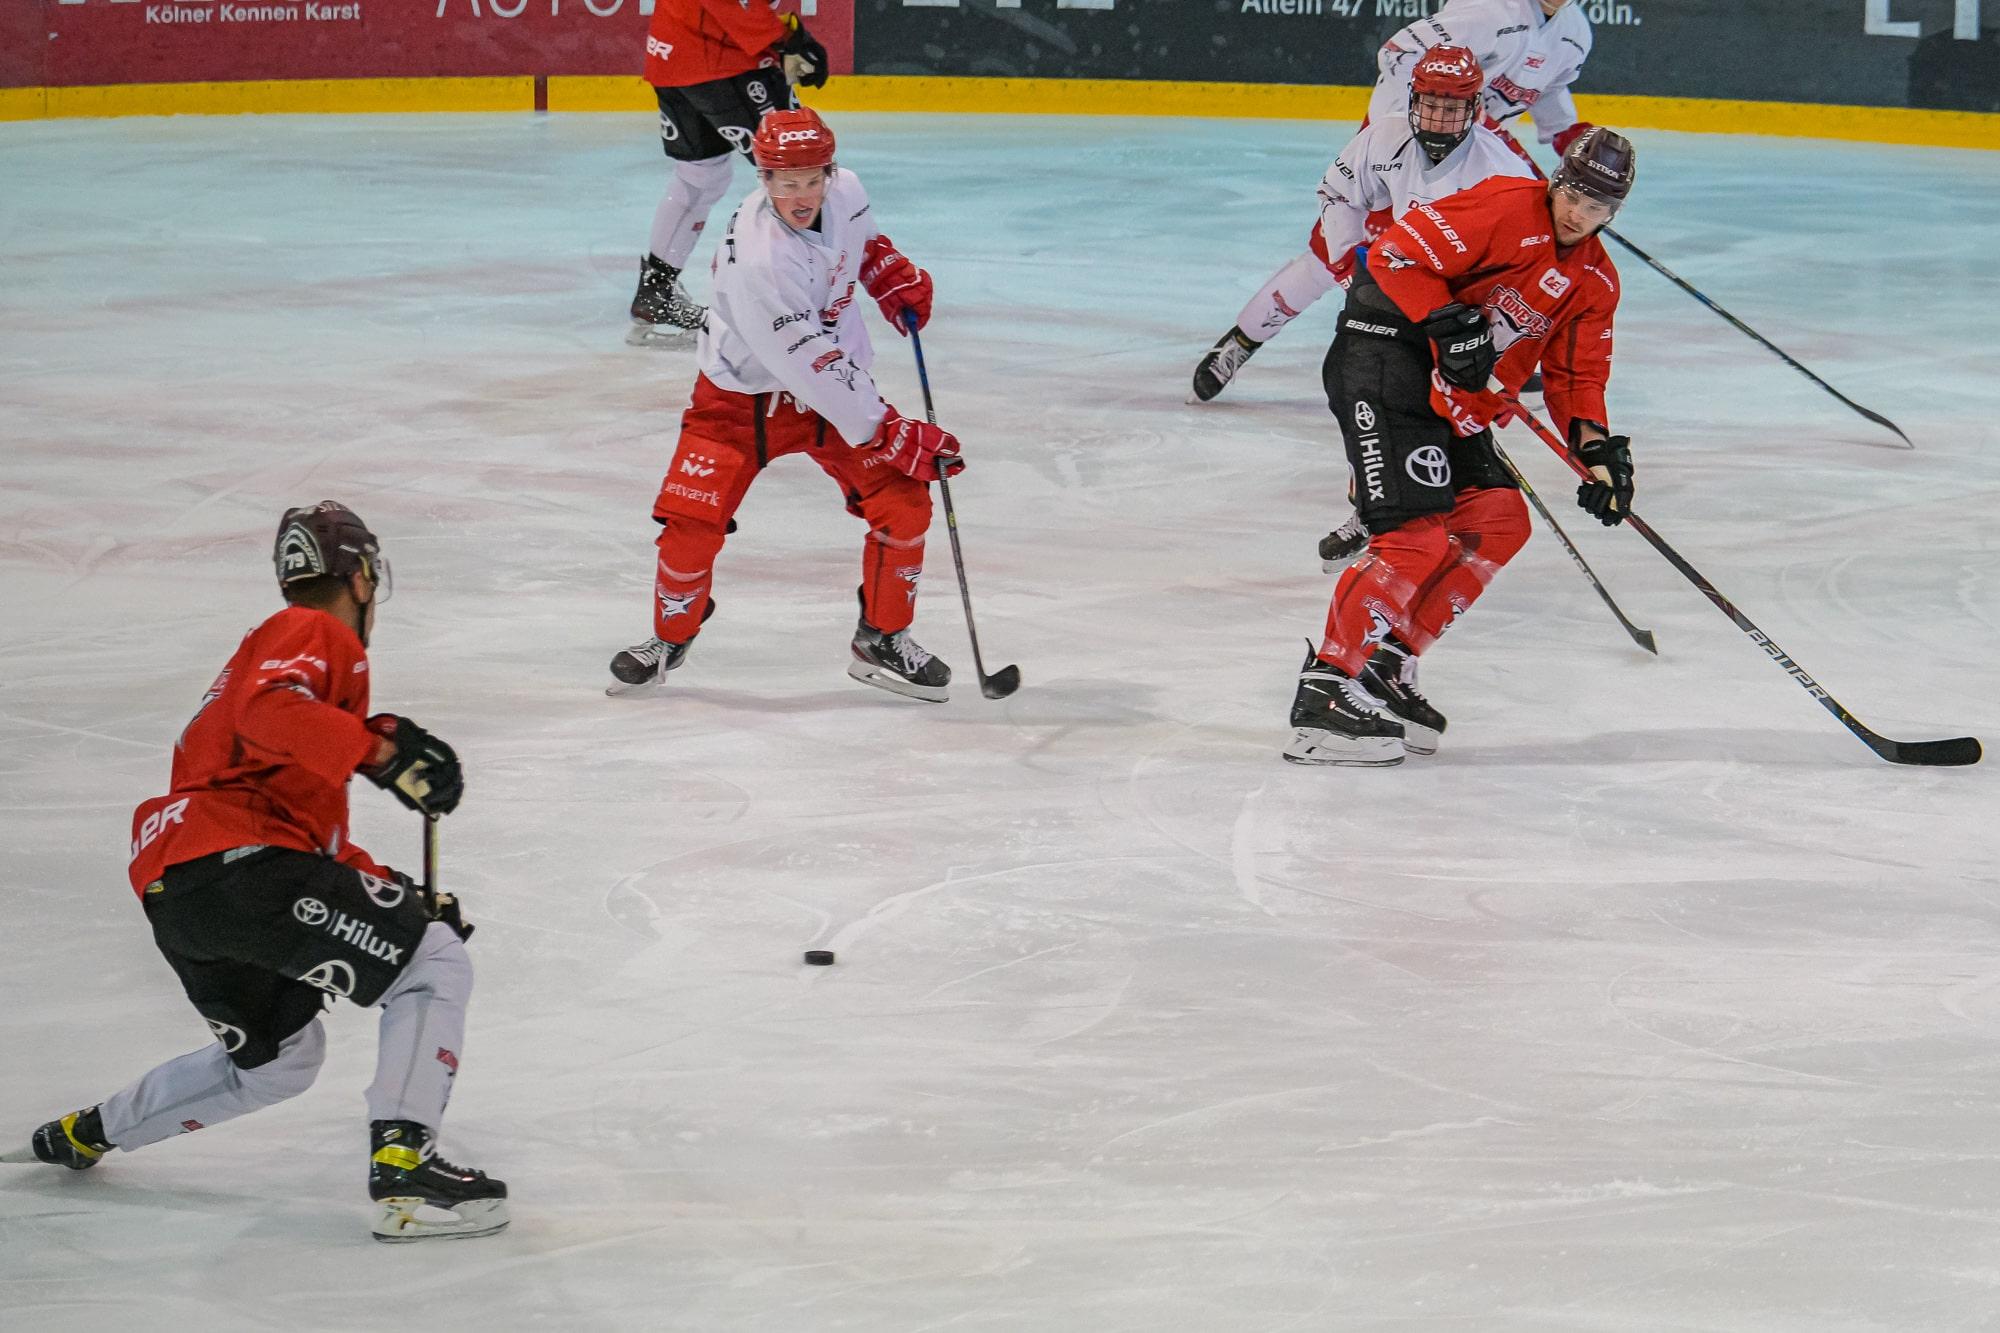 Eishockey Kec